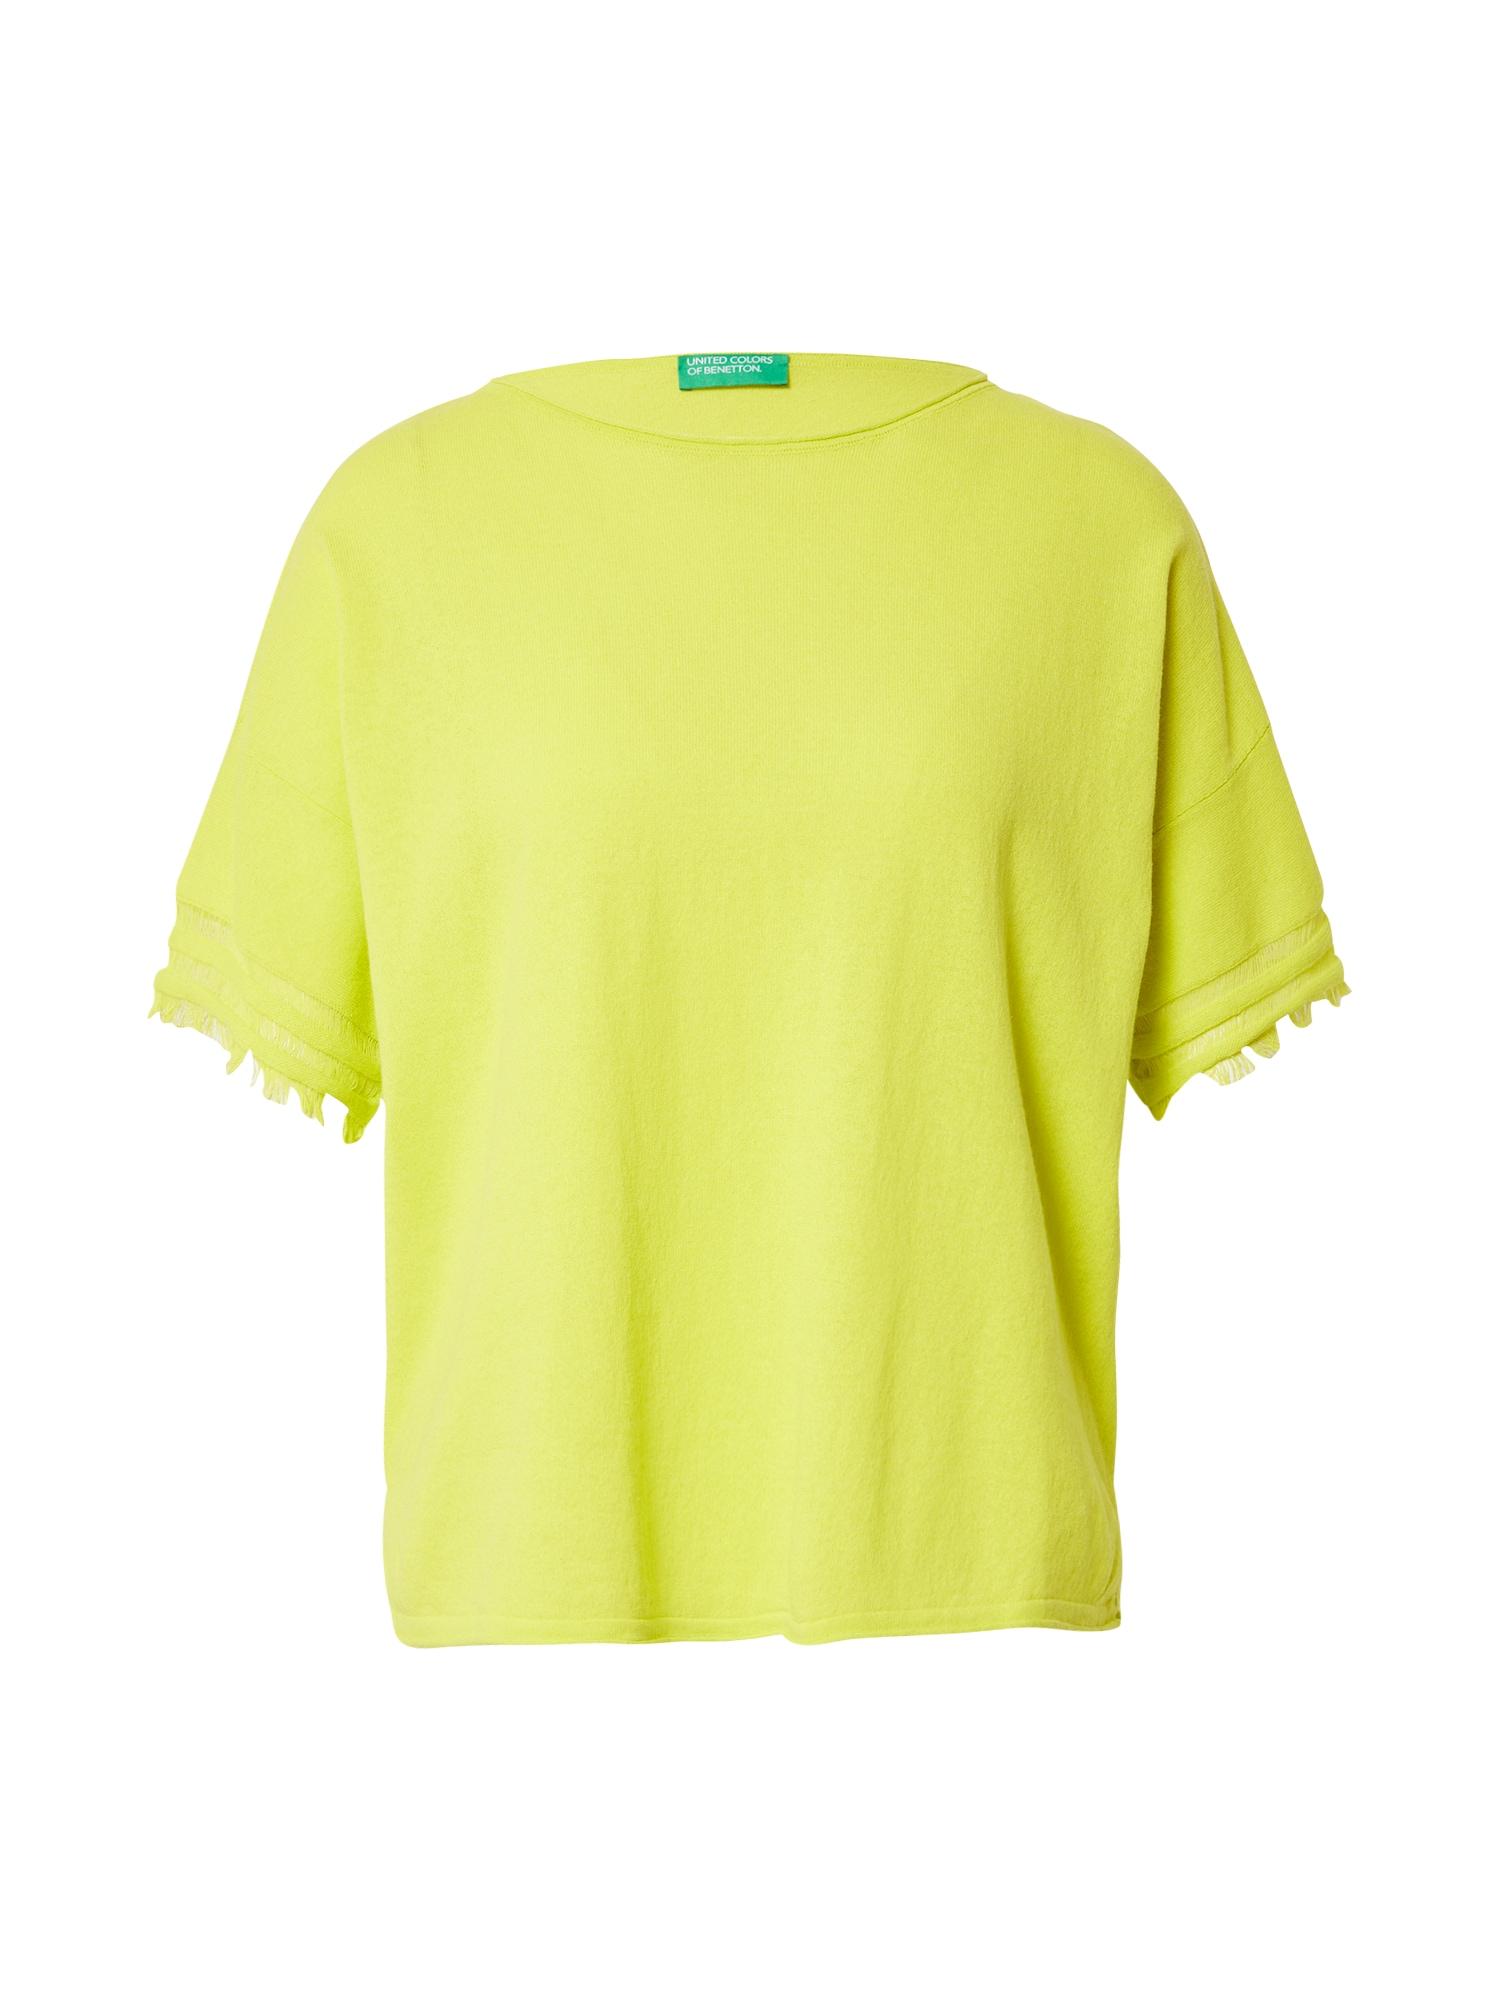 UNITED COLORS OF BENETTON Tričko  žlutá